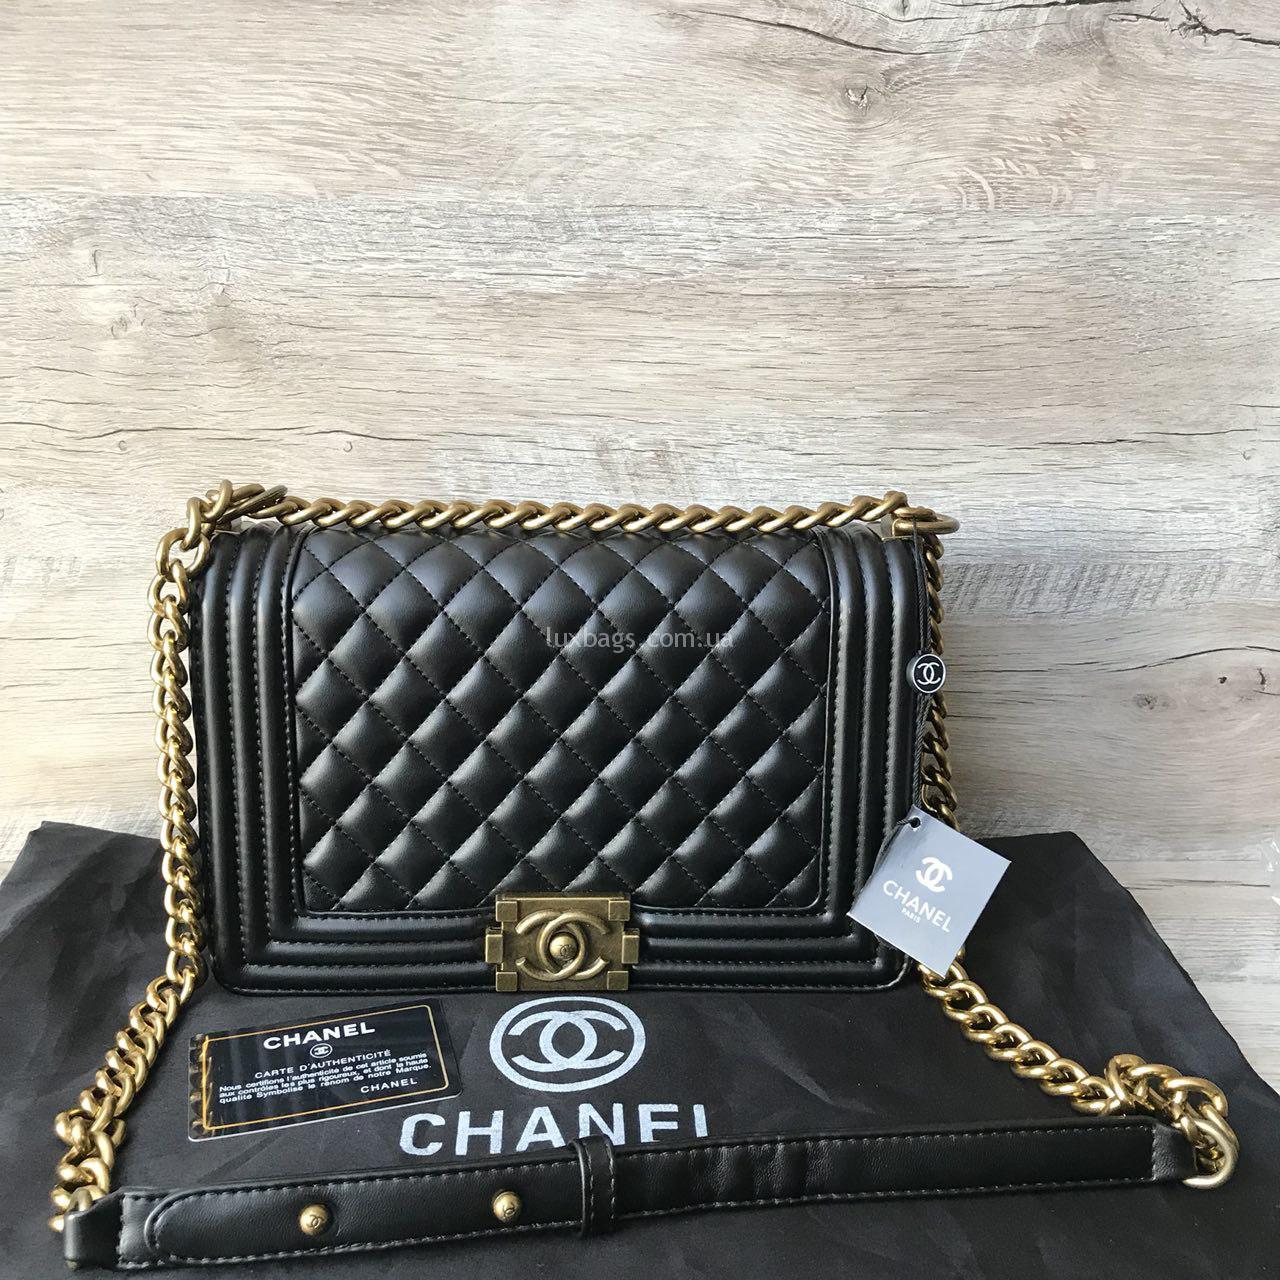 9a8b96ae52f2 Женская сумка Chanel Boy Купить на lux-bags